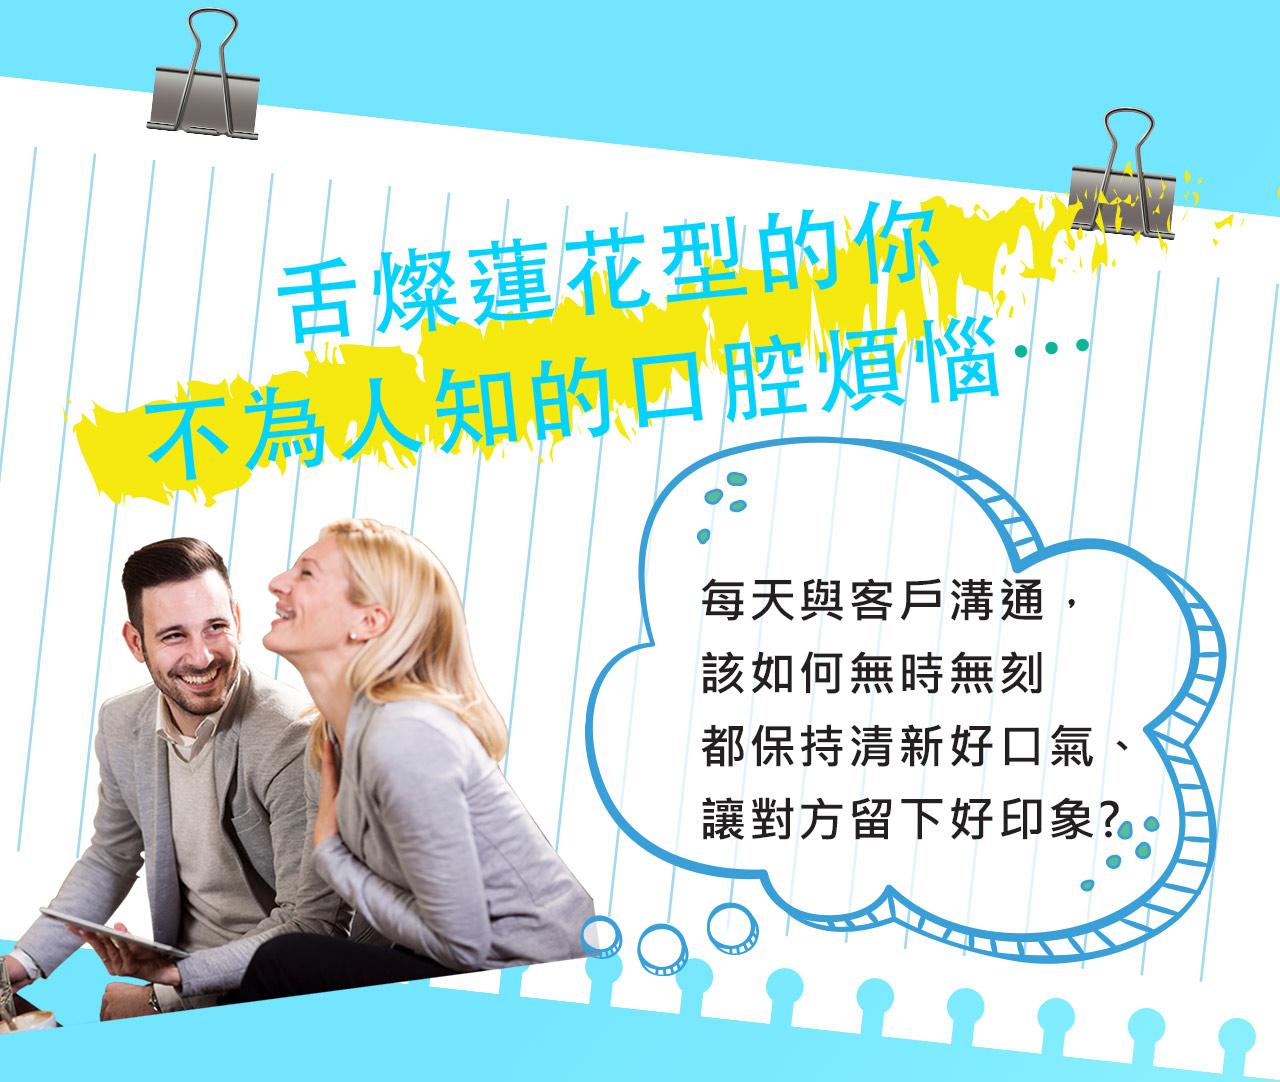 舌燦蓮花型的你 不為人知的口腔煩惱…  每天與客戶溝通, 該如何無時無刻 都保持清新好口氣、 讓對方留下好印象?